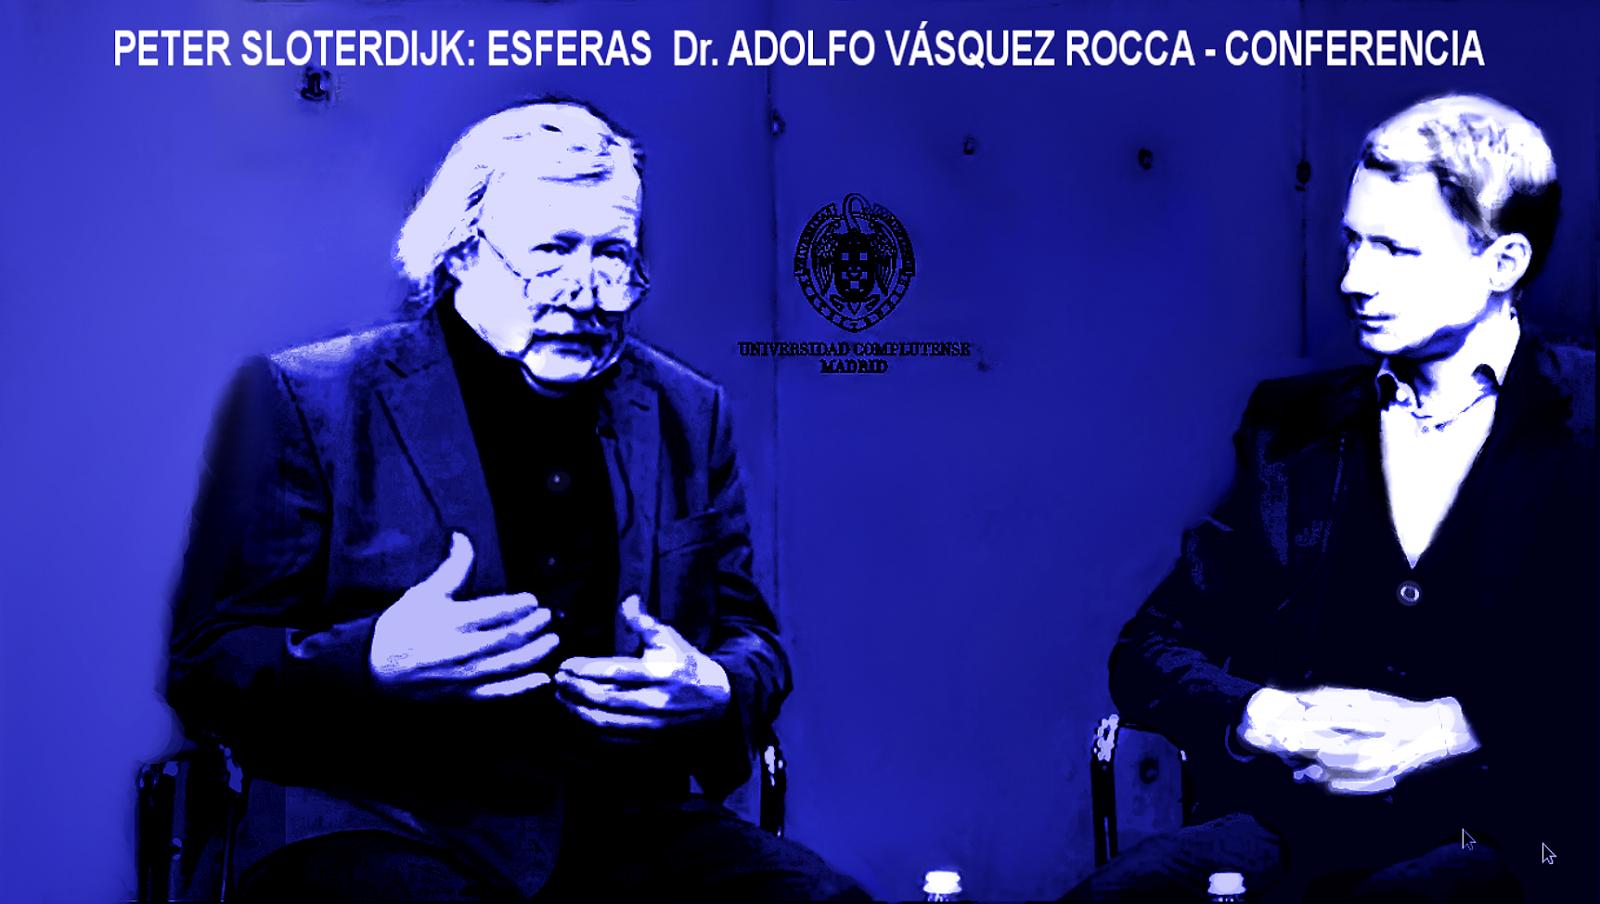 http://kunstbegriff.files.wordpress.com/2014/05/f38ed-conference_sloterdijk_peter_dr-adolfovasquezrocca_blue_elparquehumanoxl.png